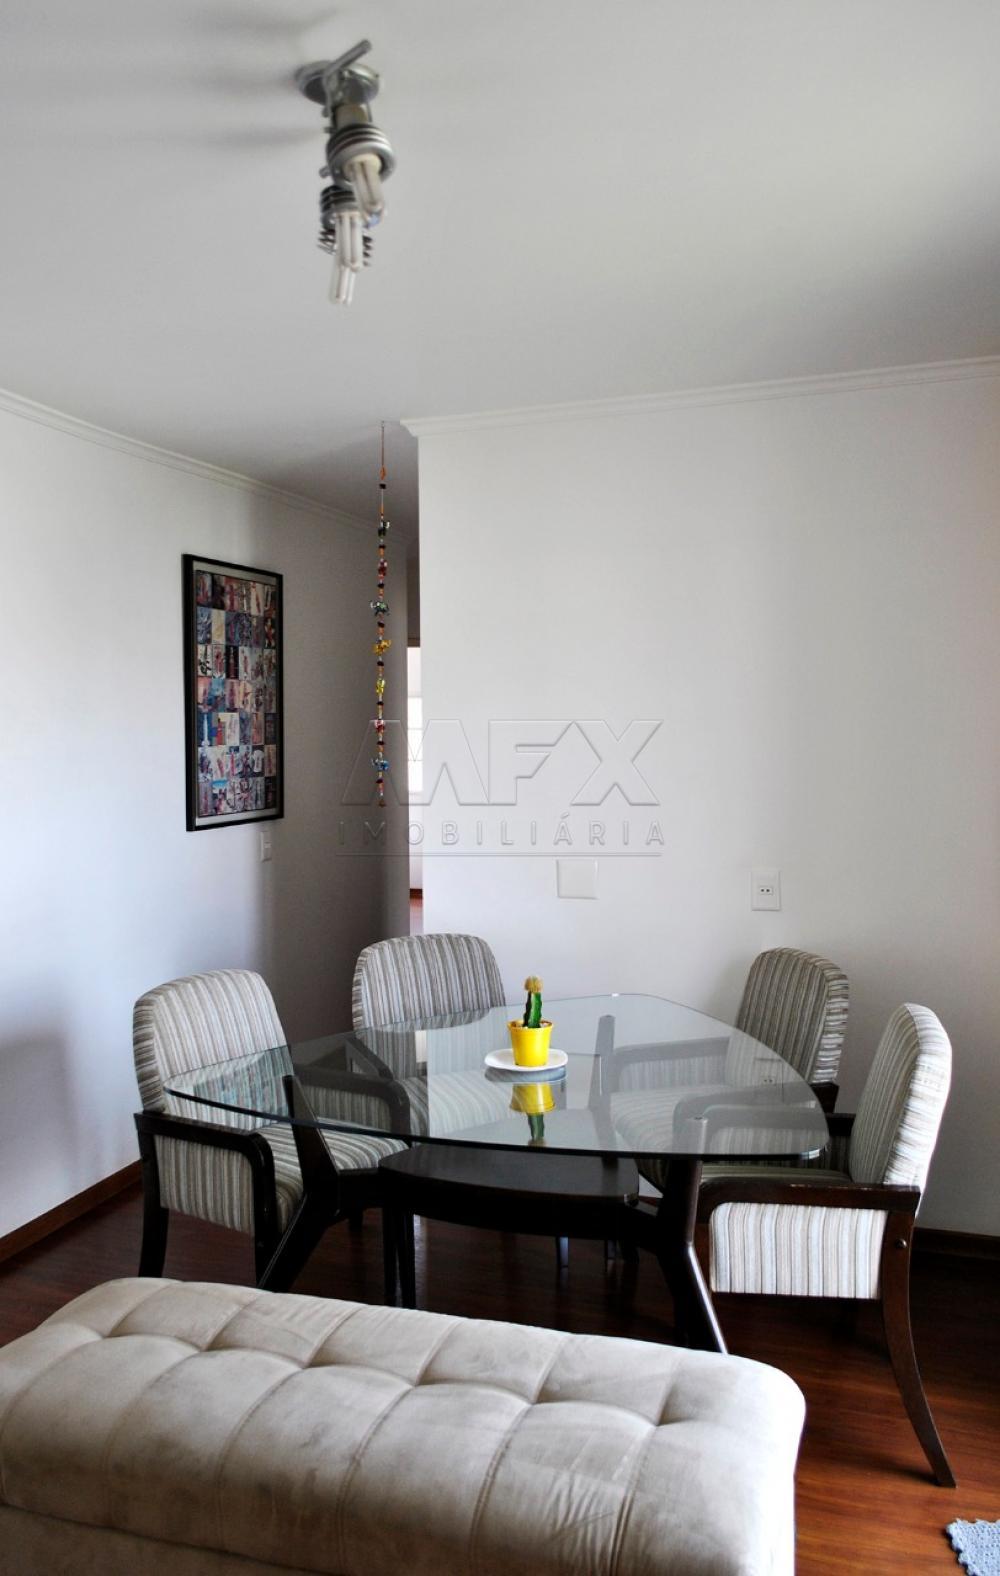 Comprar Apartamento / Padrão em Bauru R$ 320.000,00 - Foto 3